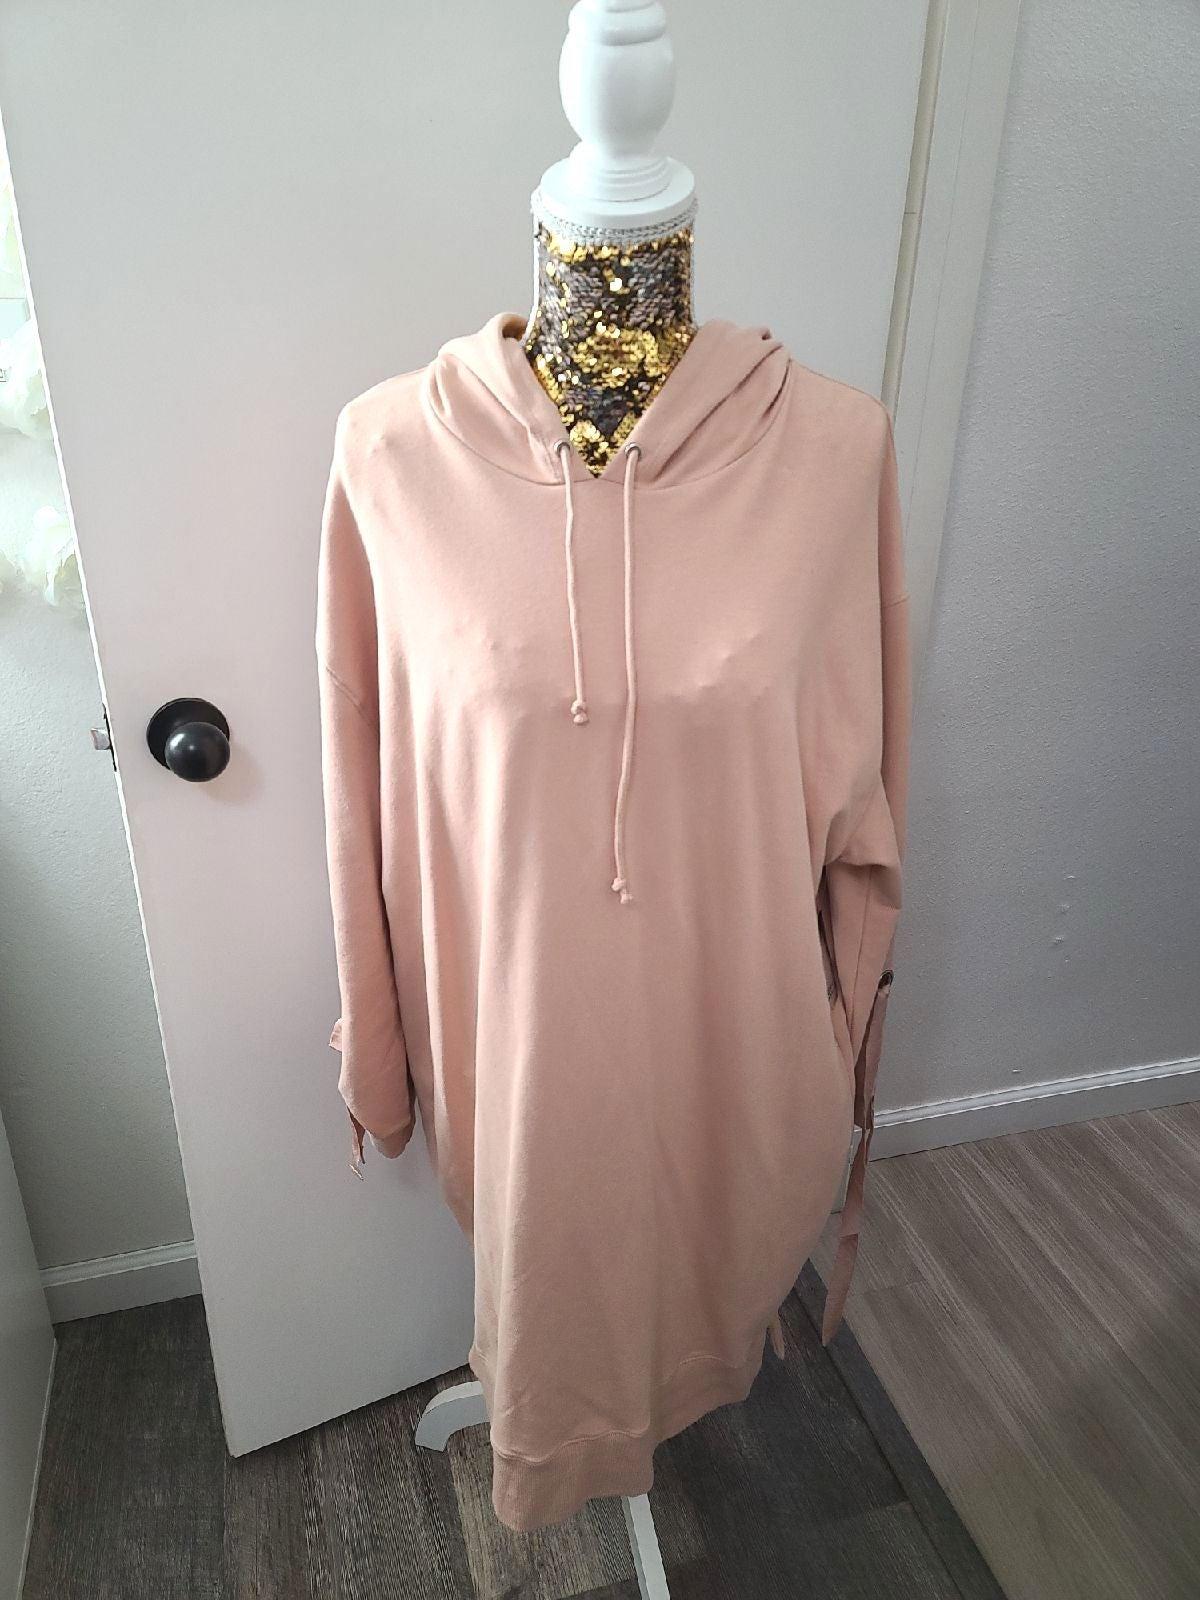 Project Runway Hoodie Dress